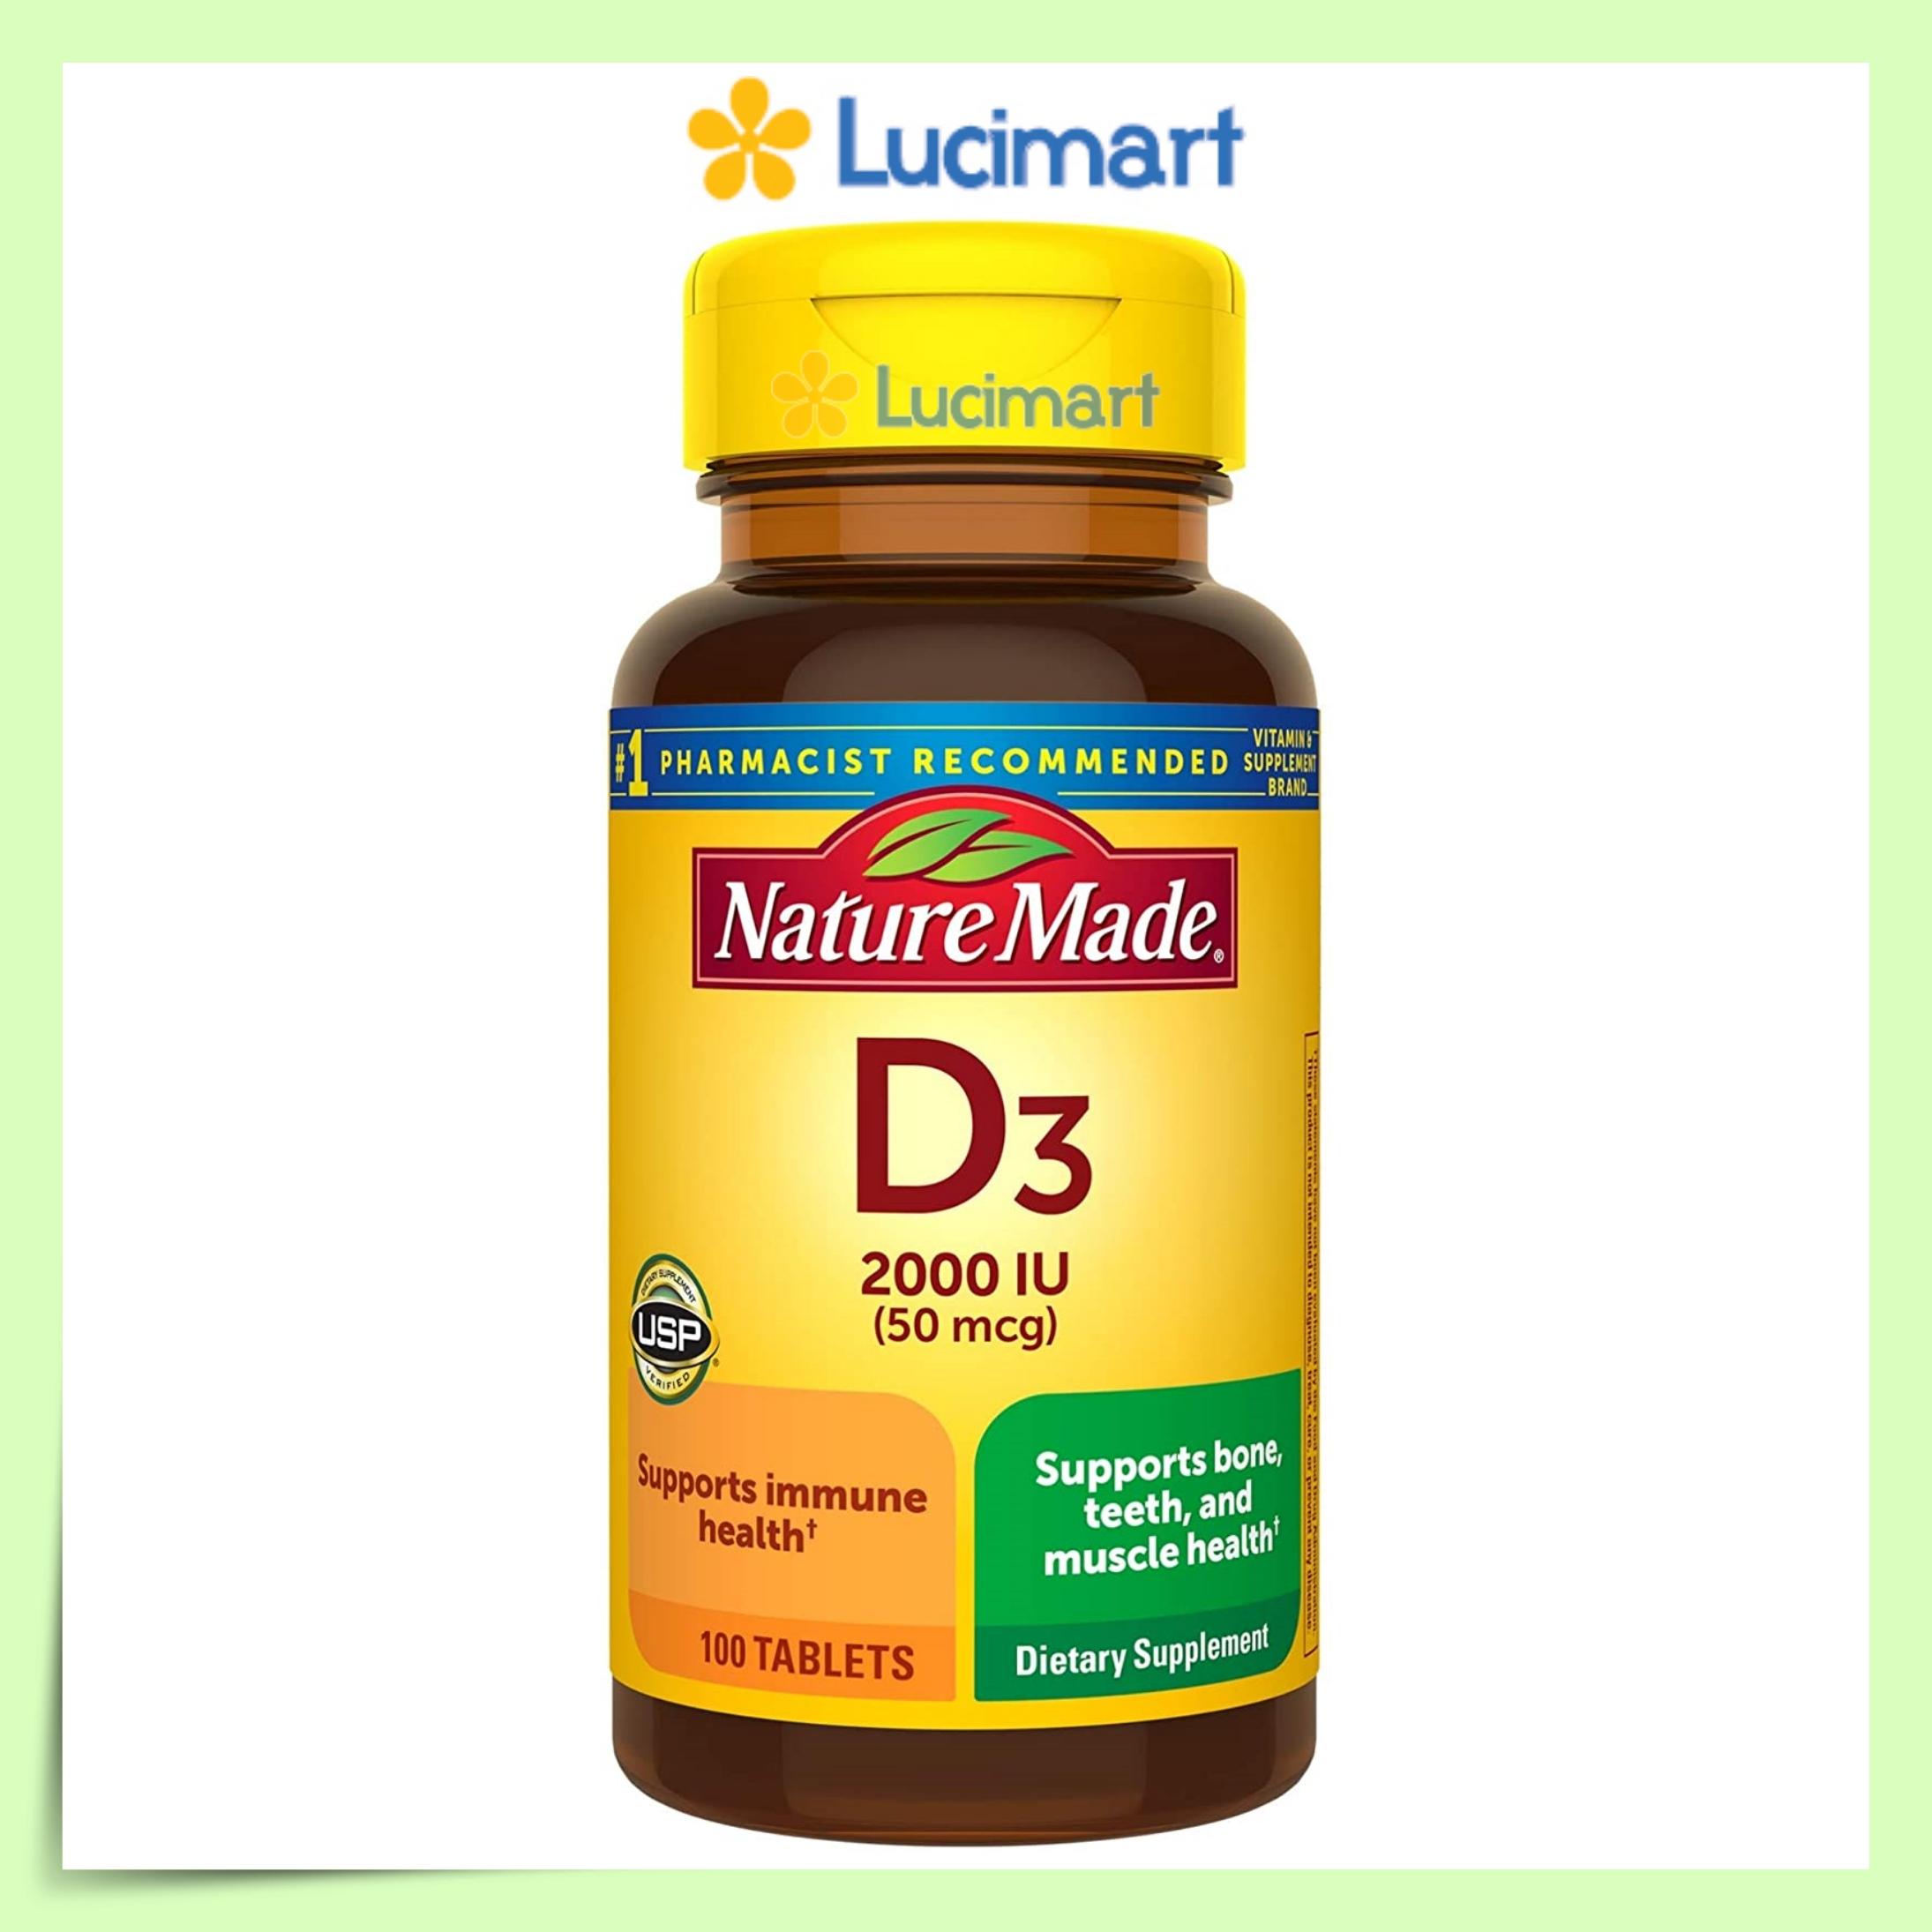 Viên uống Vitamin D3 Nature Made Vitamin D3 2000 IU 50mcg hũ 100 viênvà 1000 IU 25mcg hũ 650 viên(USA)